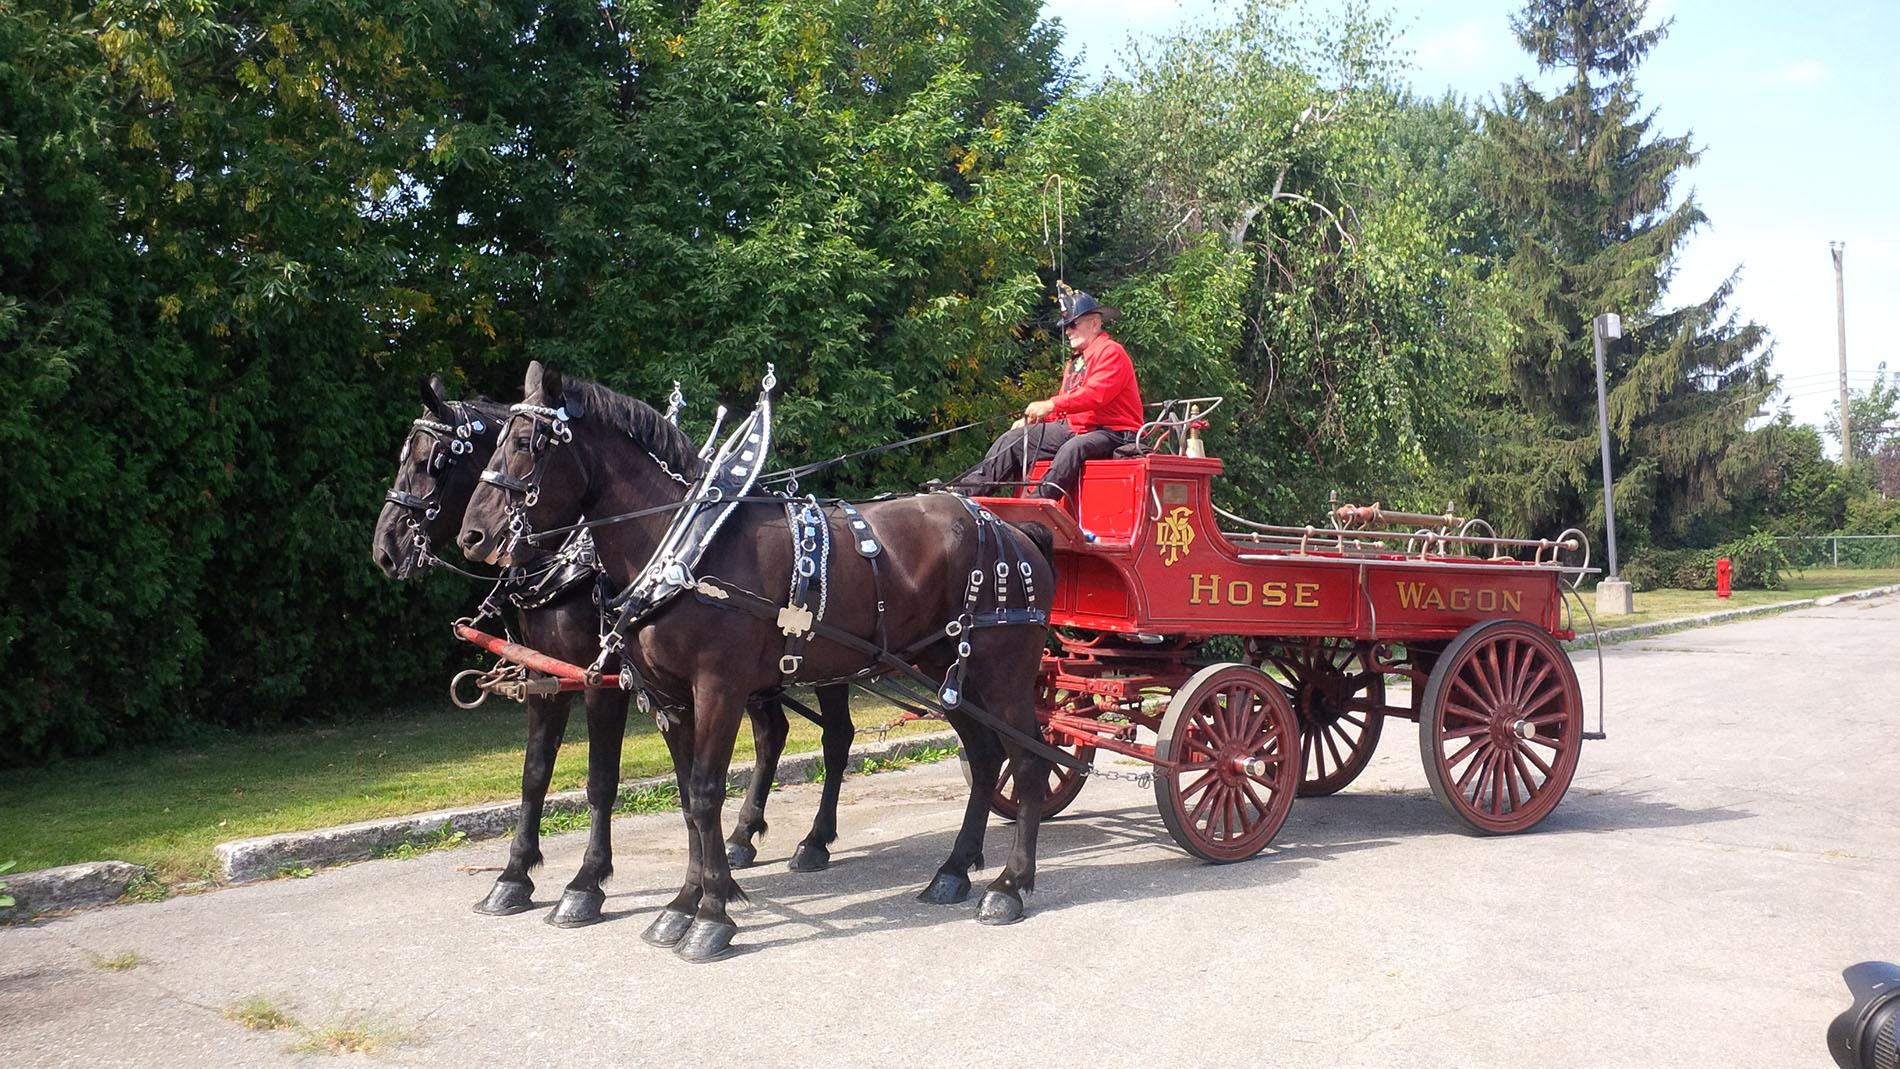 Hose Wagon Circa 1900